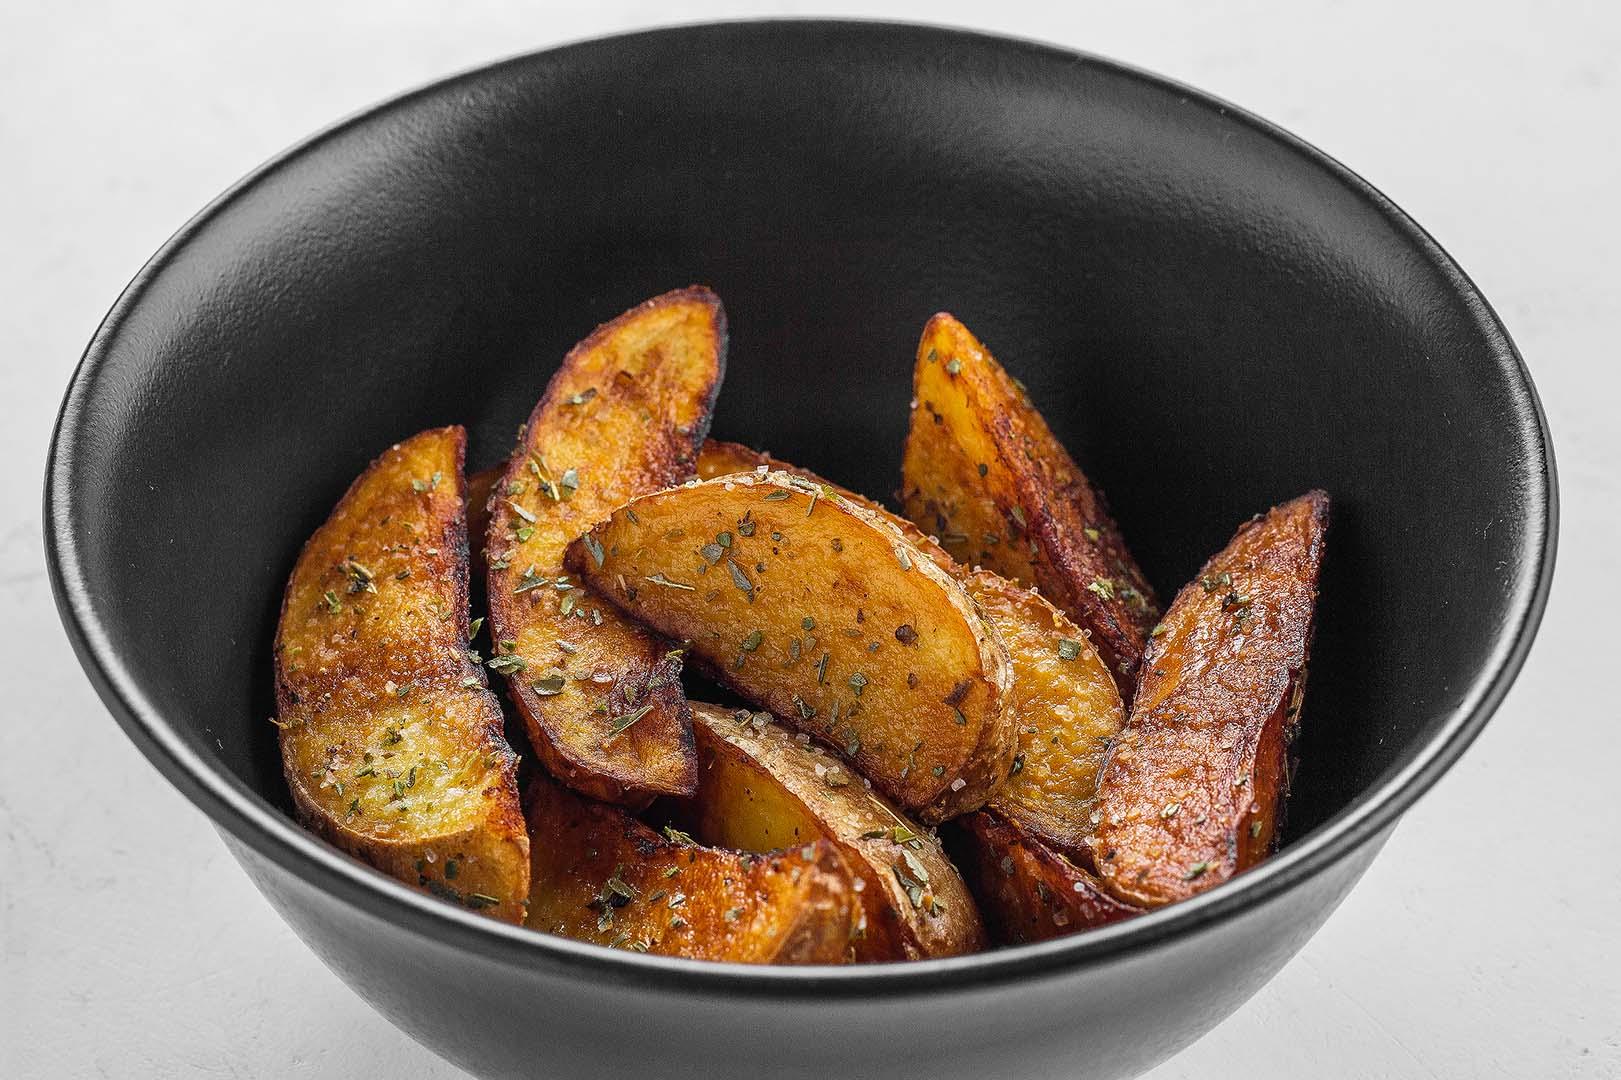 Картофель по-деревенски с домашним томатным соусом